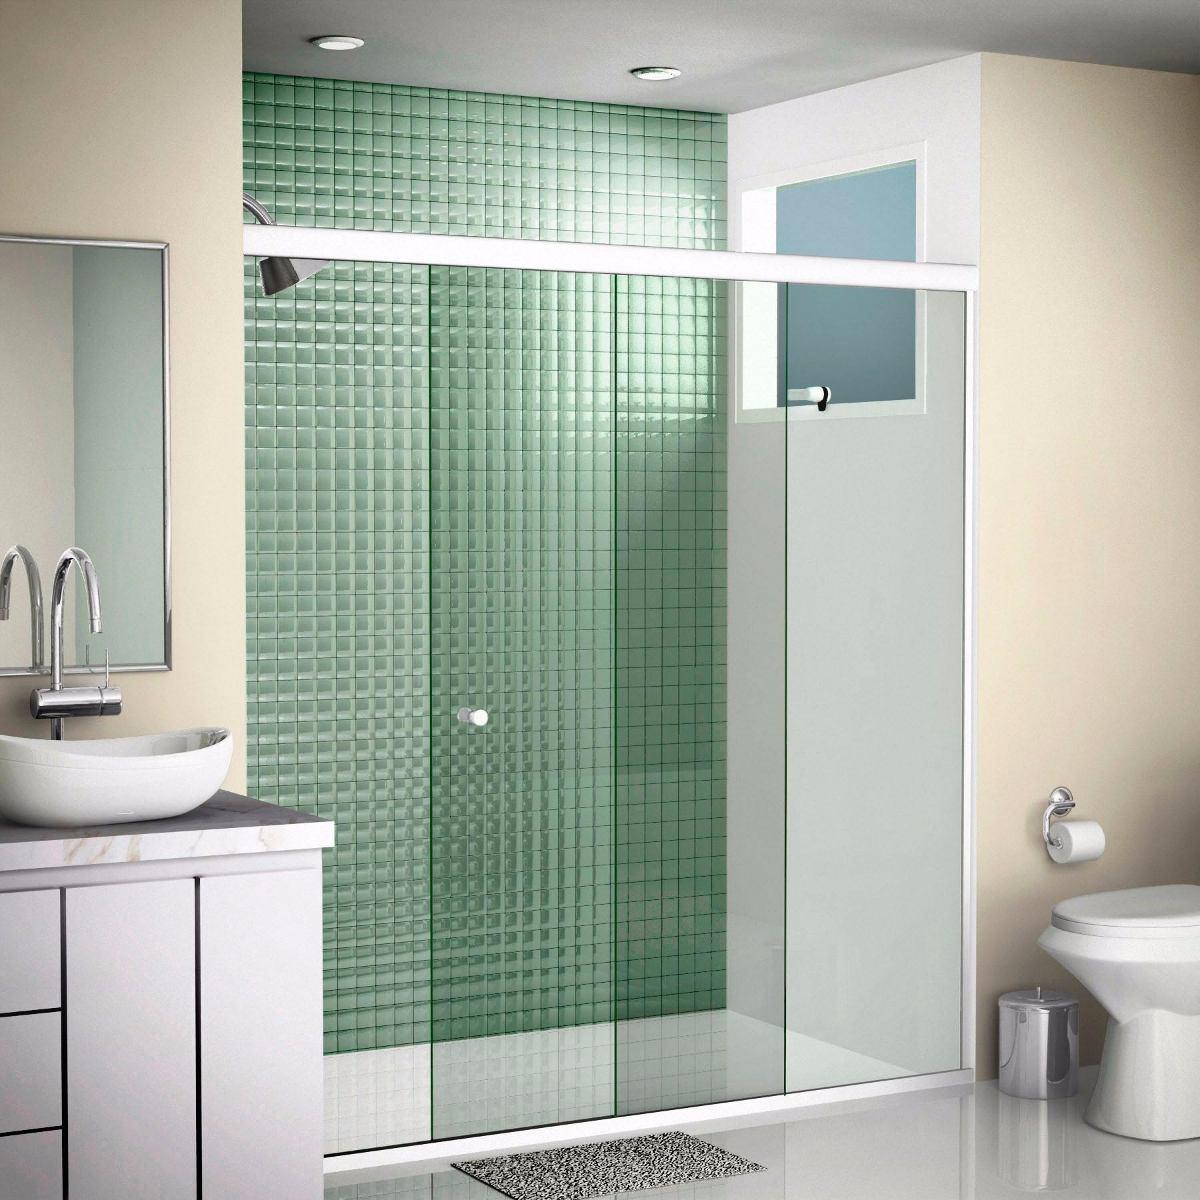 Imagens de #46654E Box Para Banheiro Preço Imperdivel Modelo Blindex R$60 M2 R$ 60 00  1200x1200 px 3068 Box Banheiro Blindex Recife